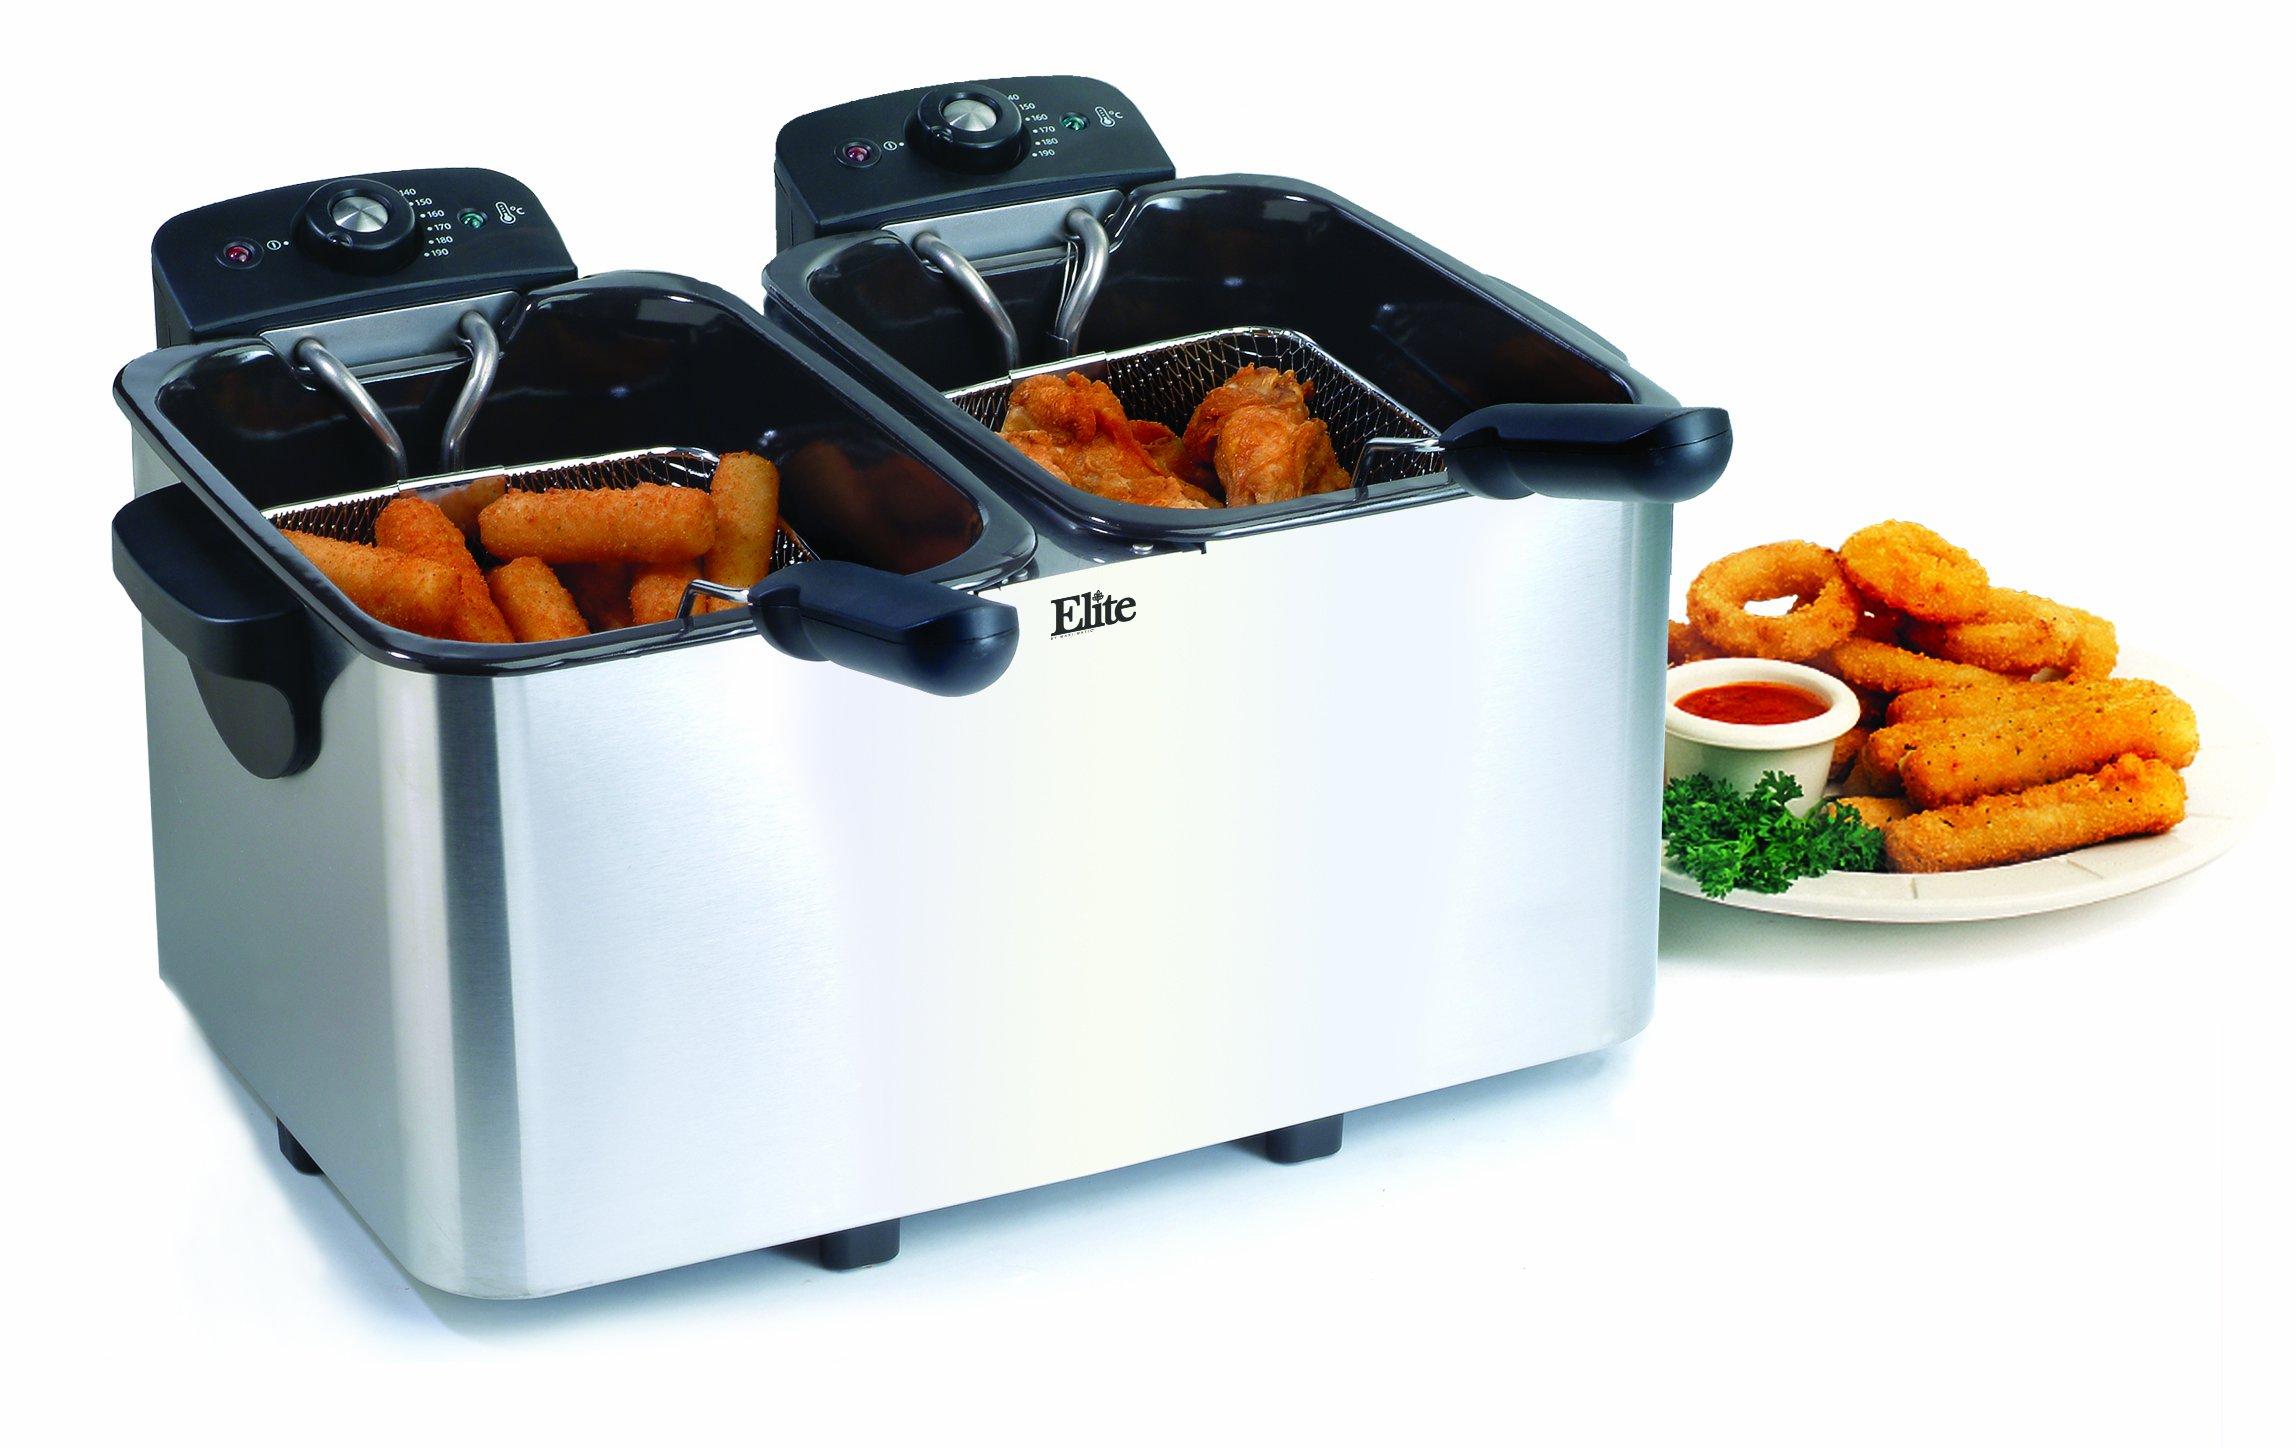 Elite Platinum EDF-3060 Maxi-Matic 6 Quart Deep Fryer, Stainless Steel